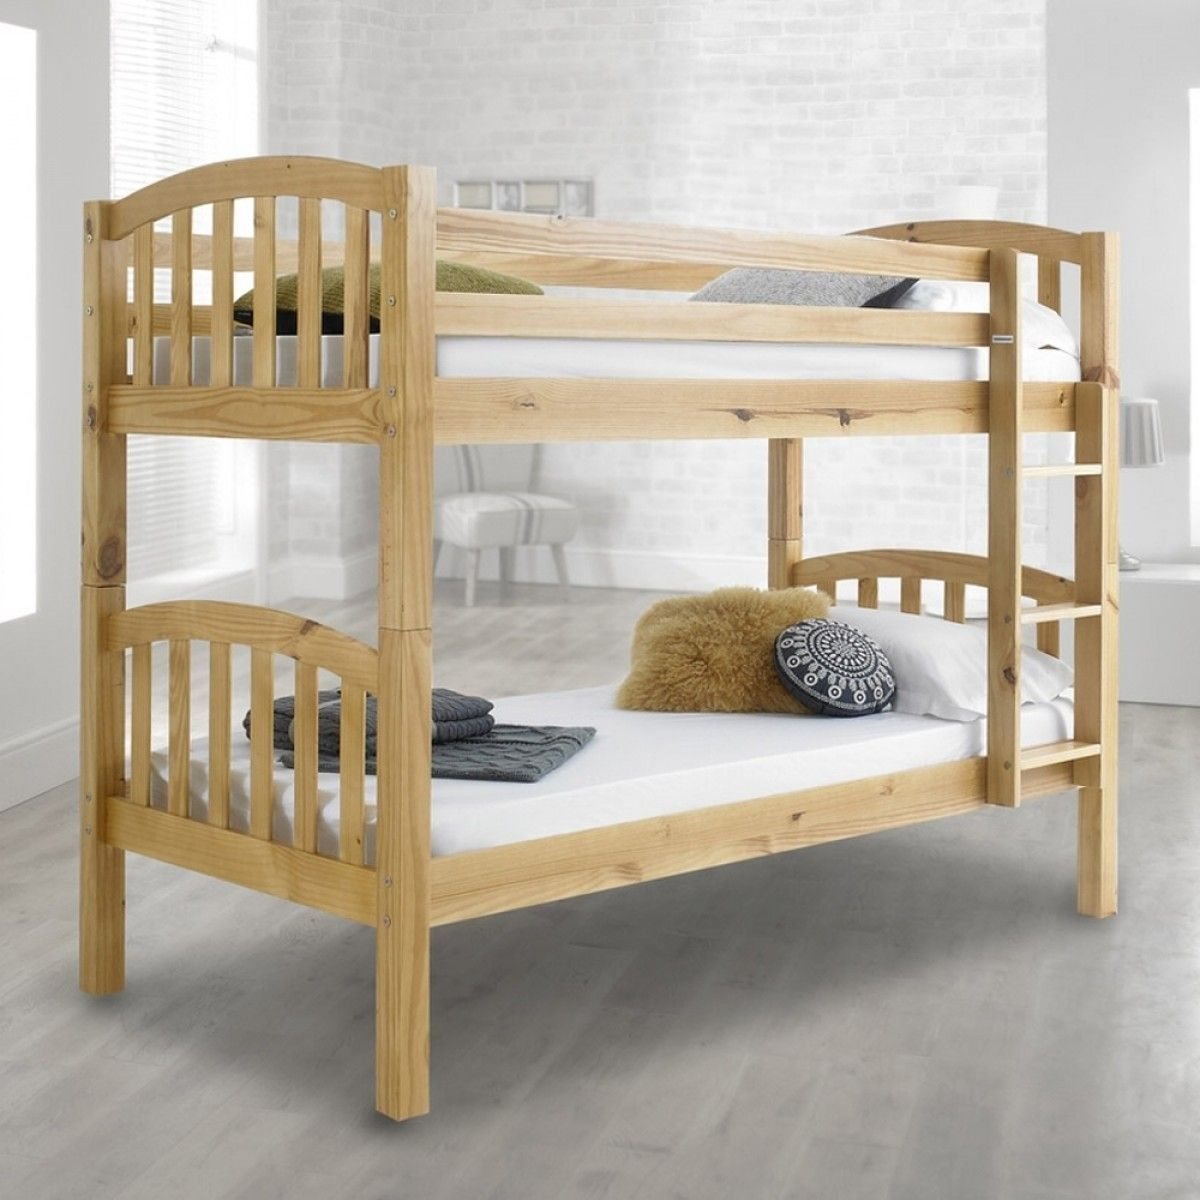 American Solid Honey Pine Wooden Bunk Bed Wooden bunk